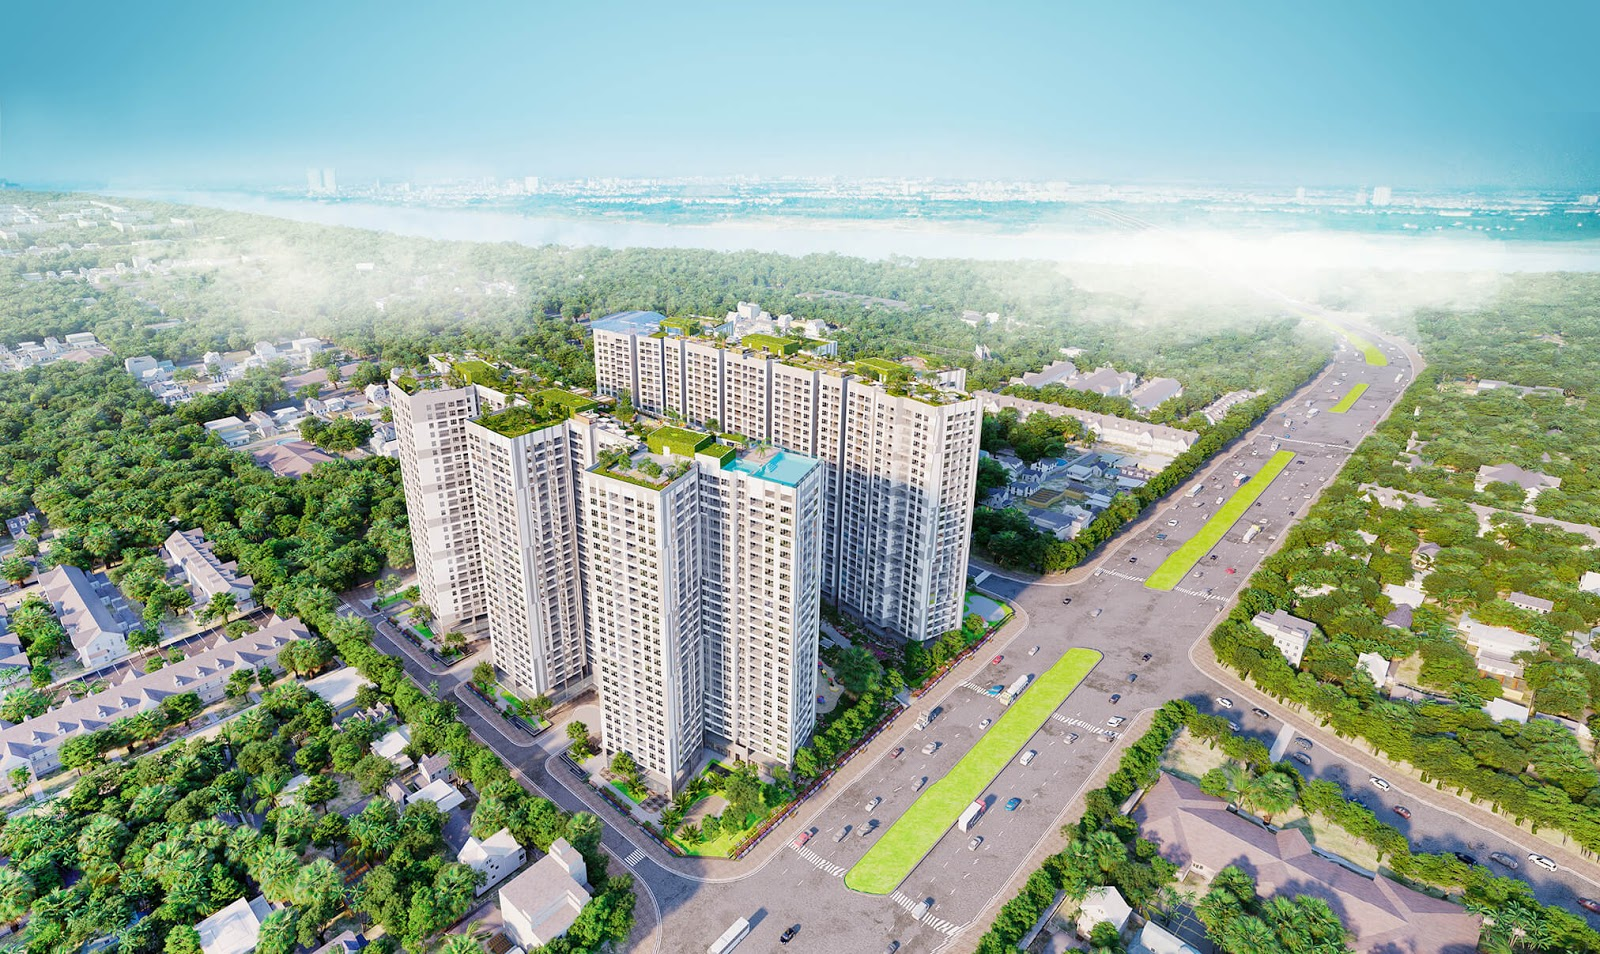 Góc nhìn vẻ đẹp dự án chung cư Imperia Minh Khai Từ trên cao